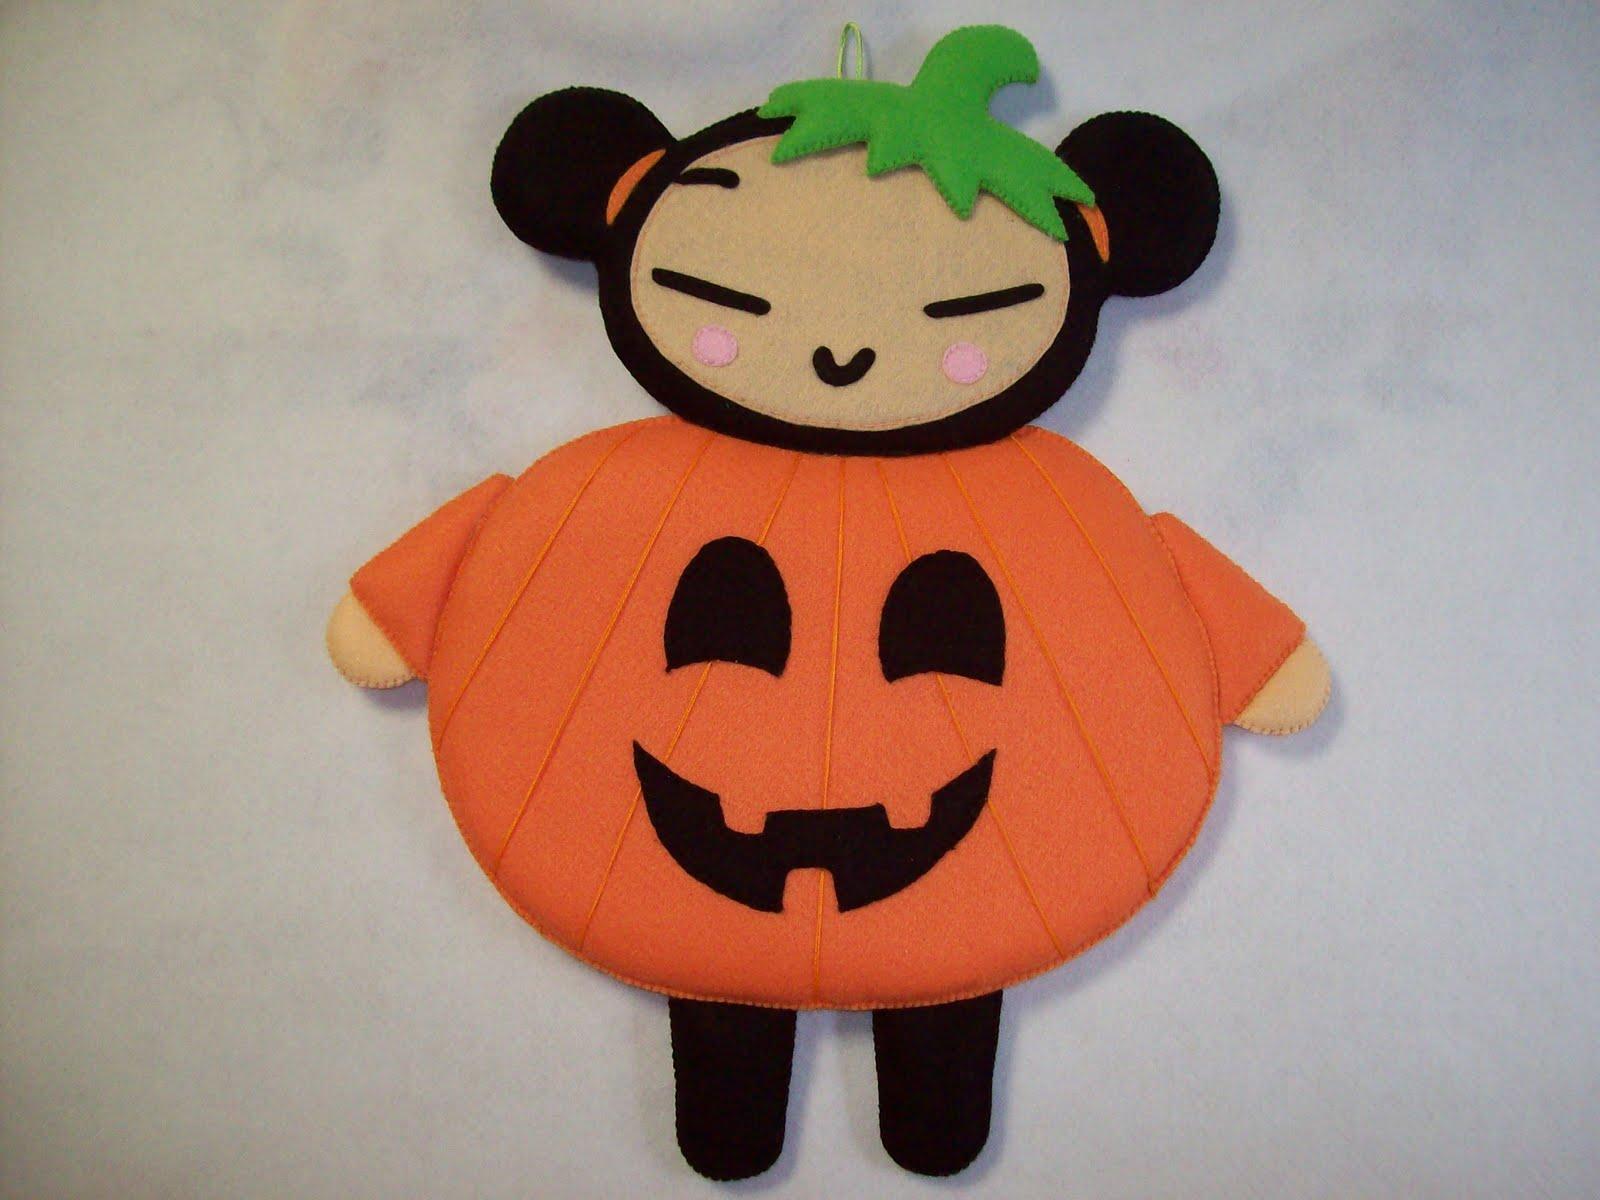 Shexeldetallitos blog de manualidades pucca calabaza de - Calabazas de halloween manualidades ...